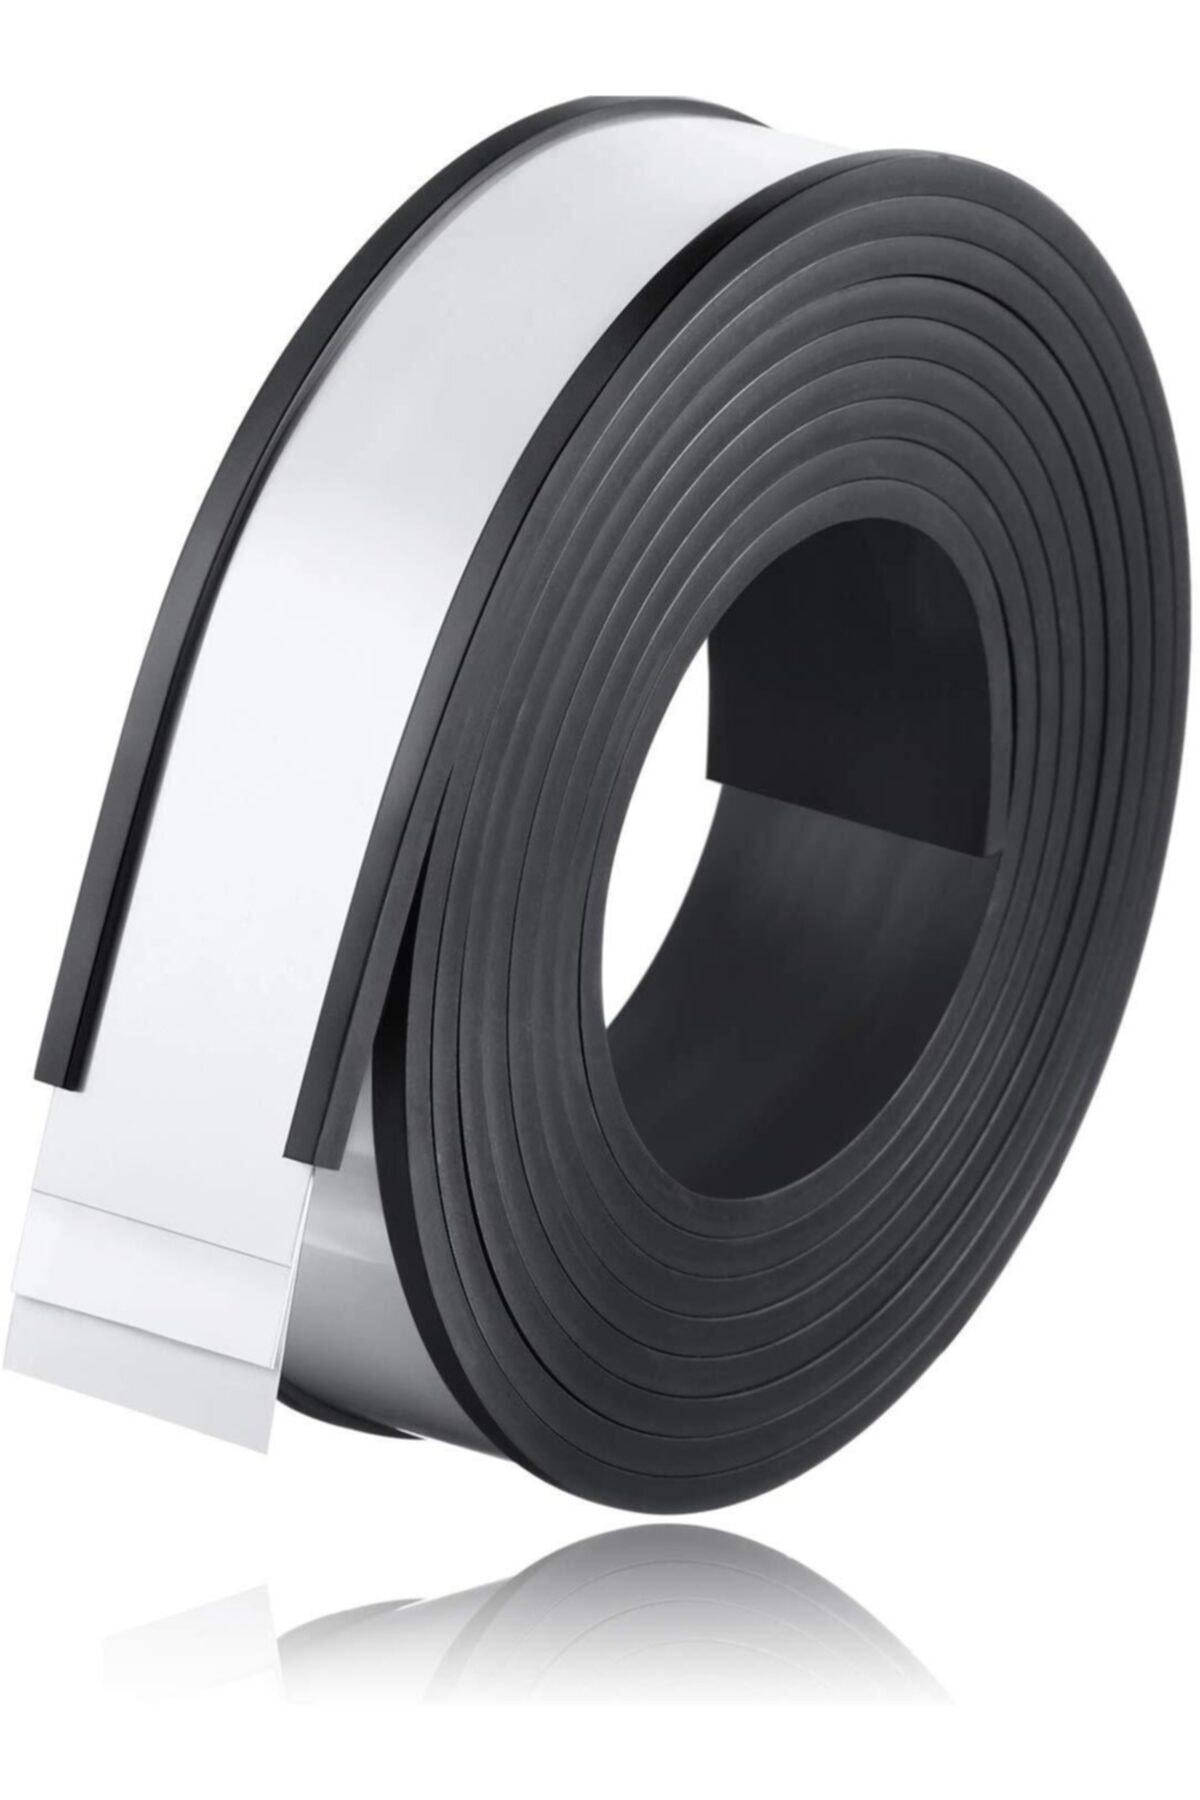 Dünya Magnet Kanallı Etiketlik Şerit Mıknatıs Raf Magneti En 40 cm Boy 1 m 2